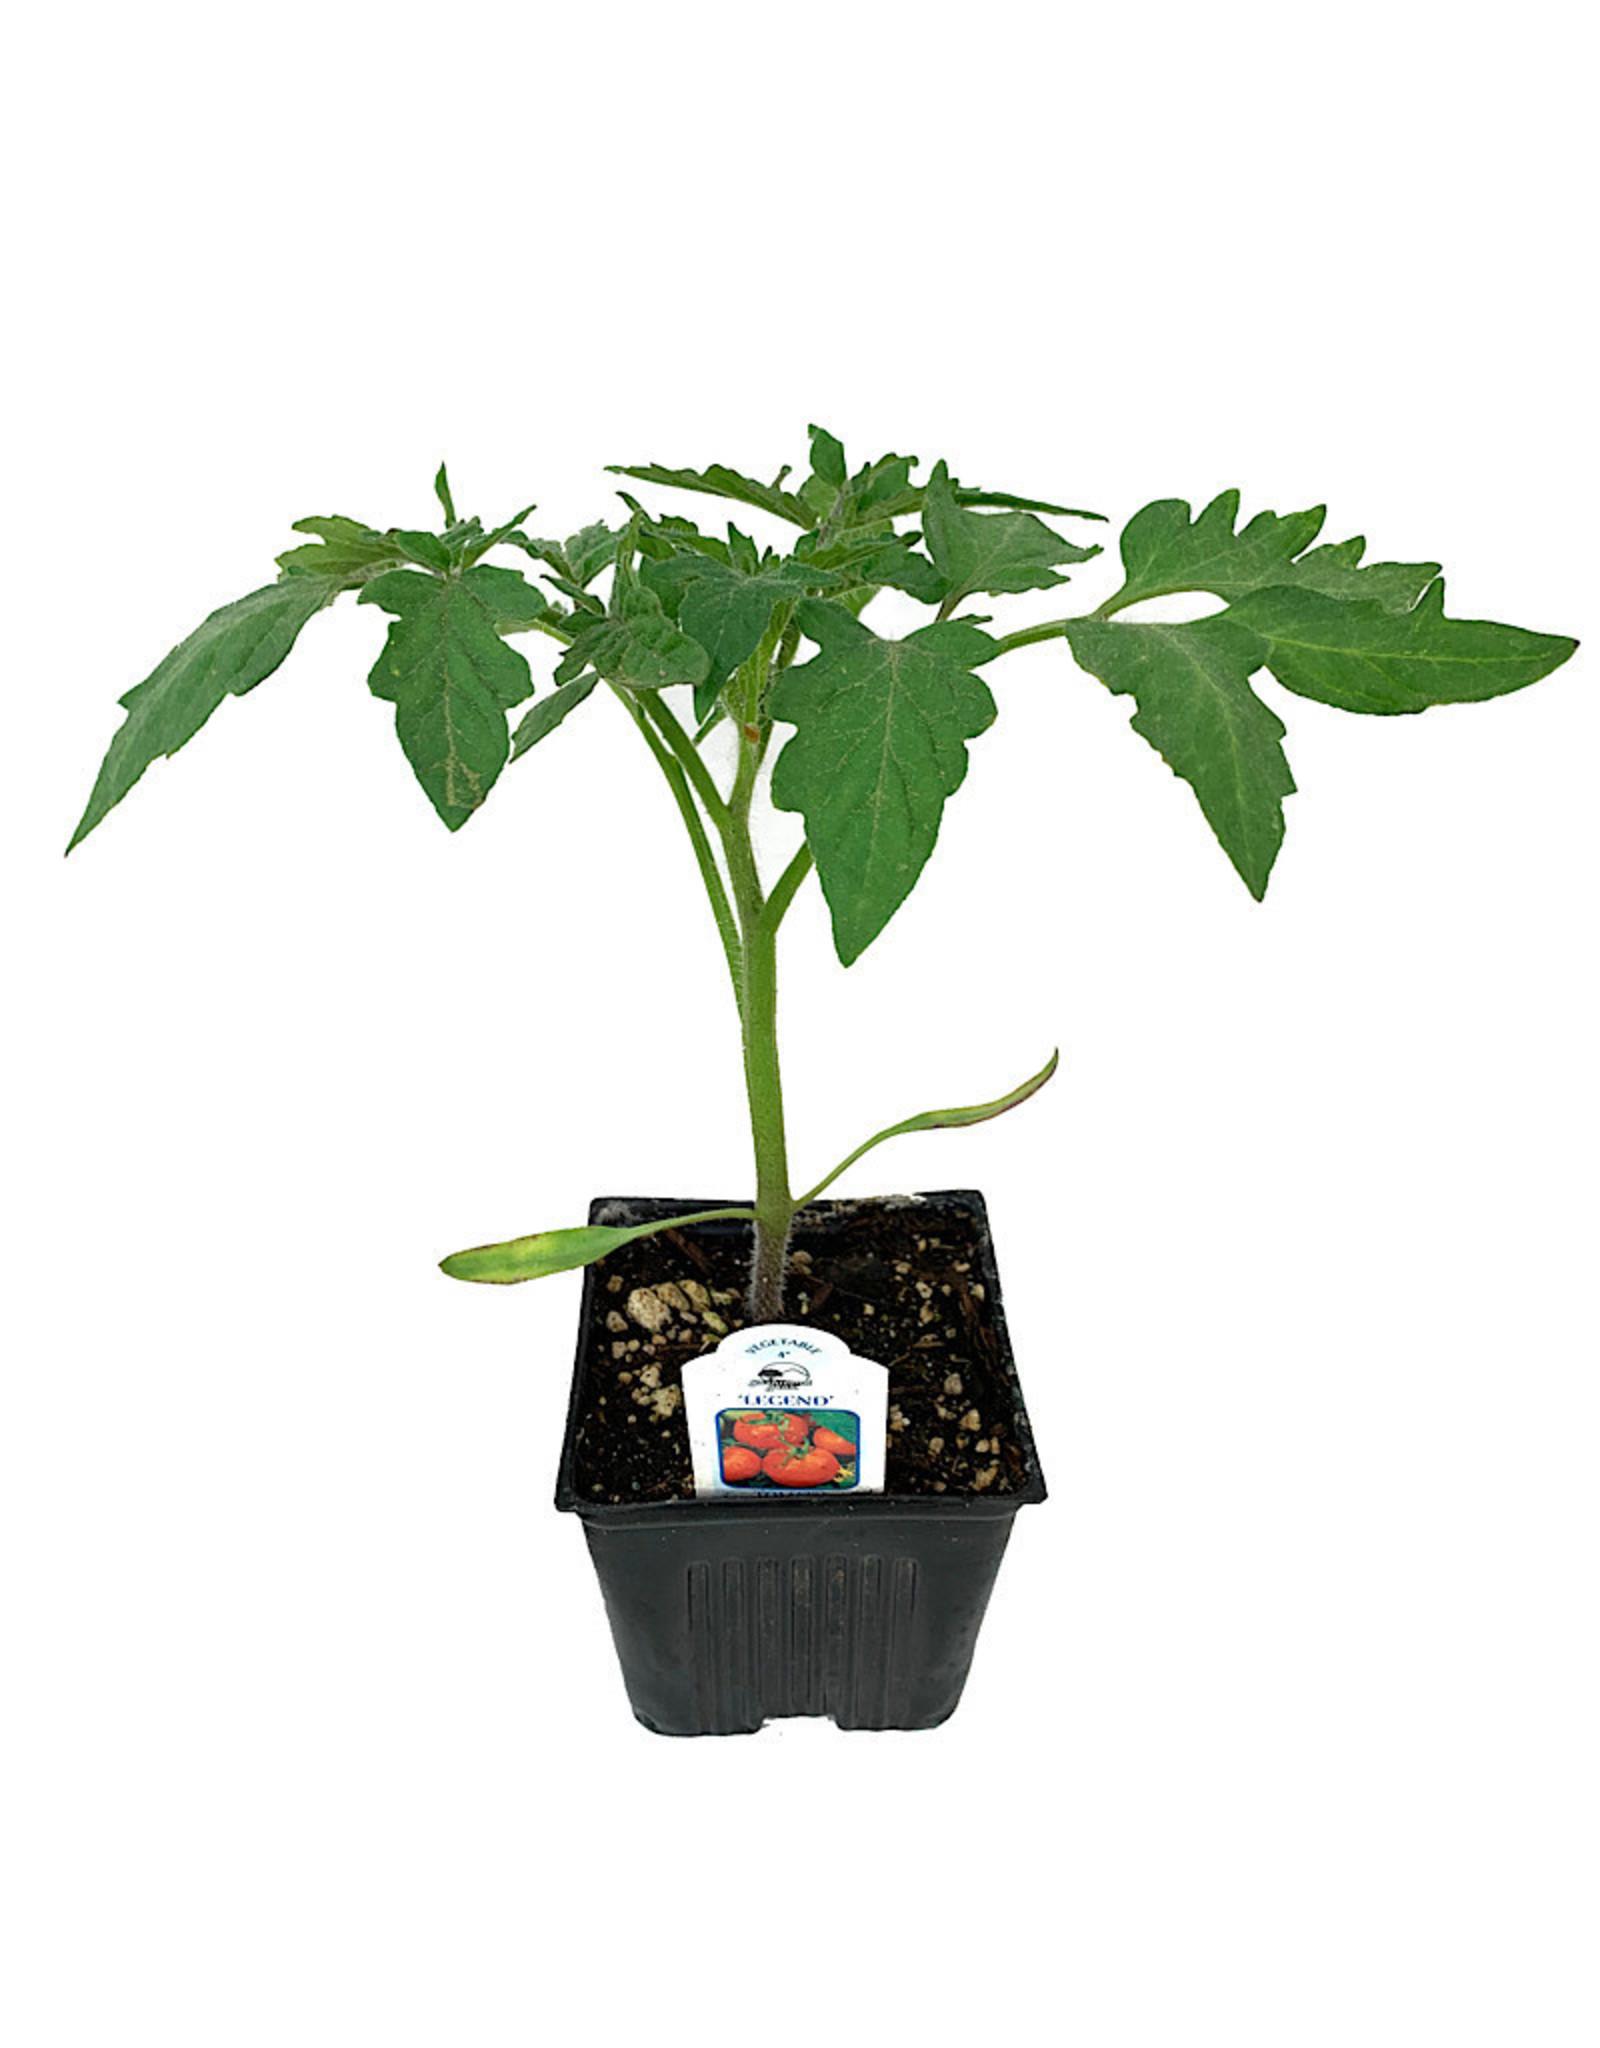 Tomato 'Legend' 4 Inch